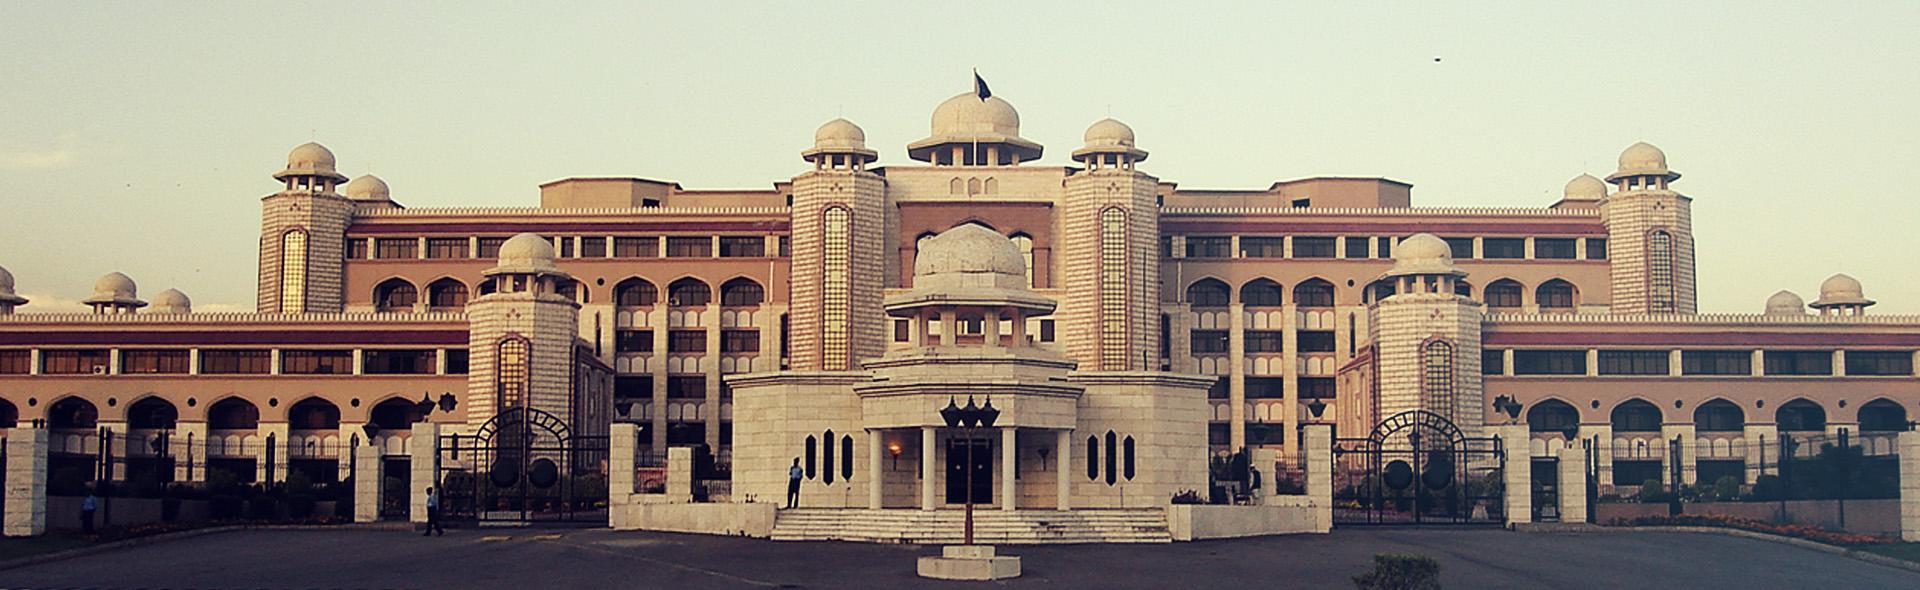 وزیر اعظم ہاؤس ، اسٹیٹ گیسٹ ہاؤس اور قصر ناز کو کمرشل کرنے کی تجاویز تیار